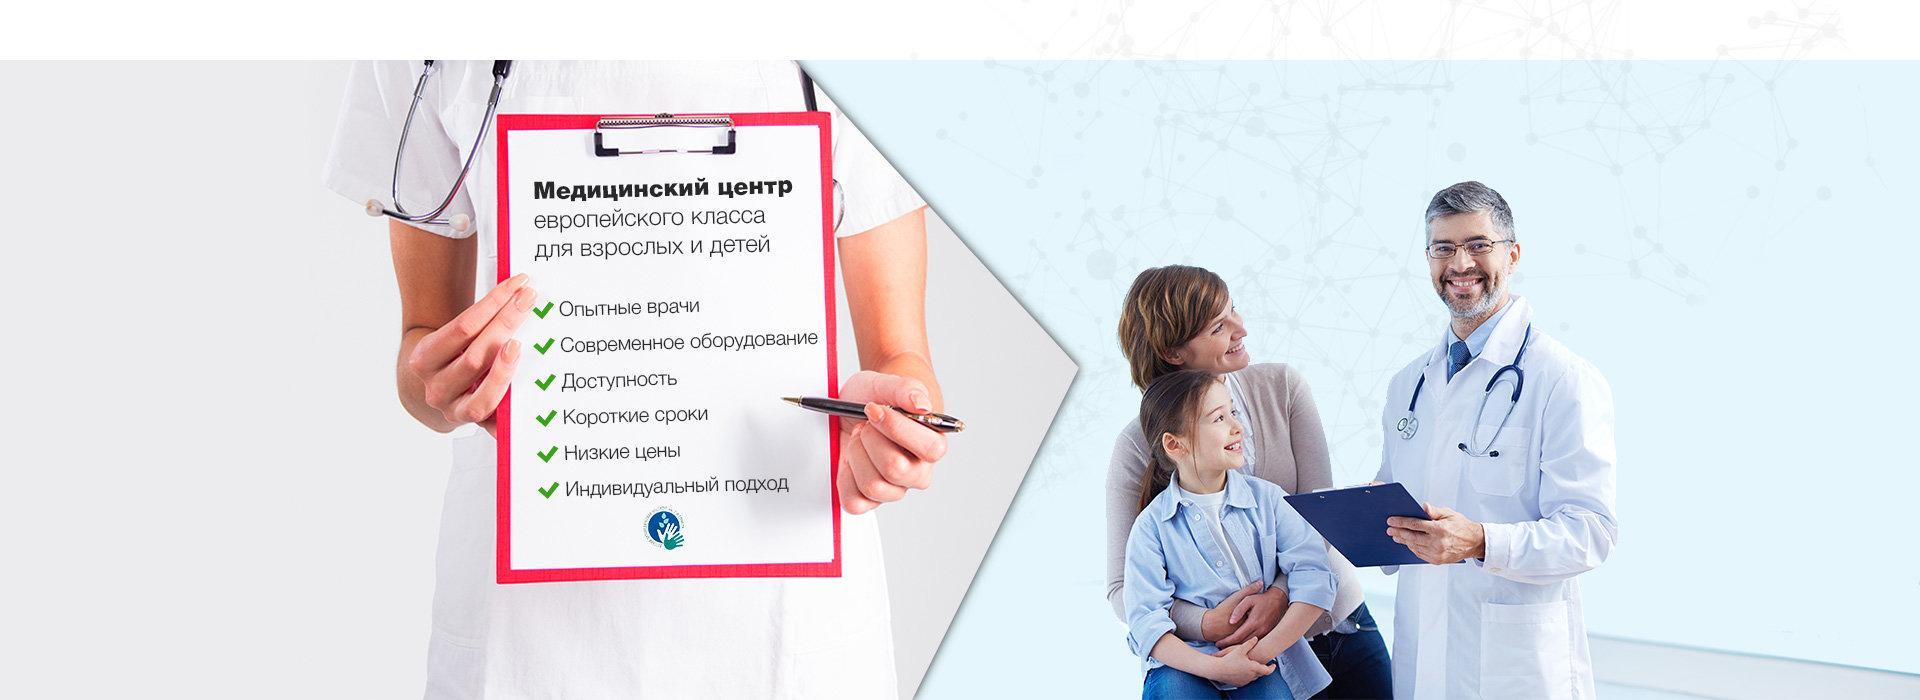 фотография Медицинского центра им. Г.И. Турнера для взрослых и детей на Петроградской